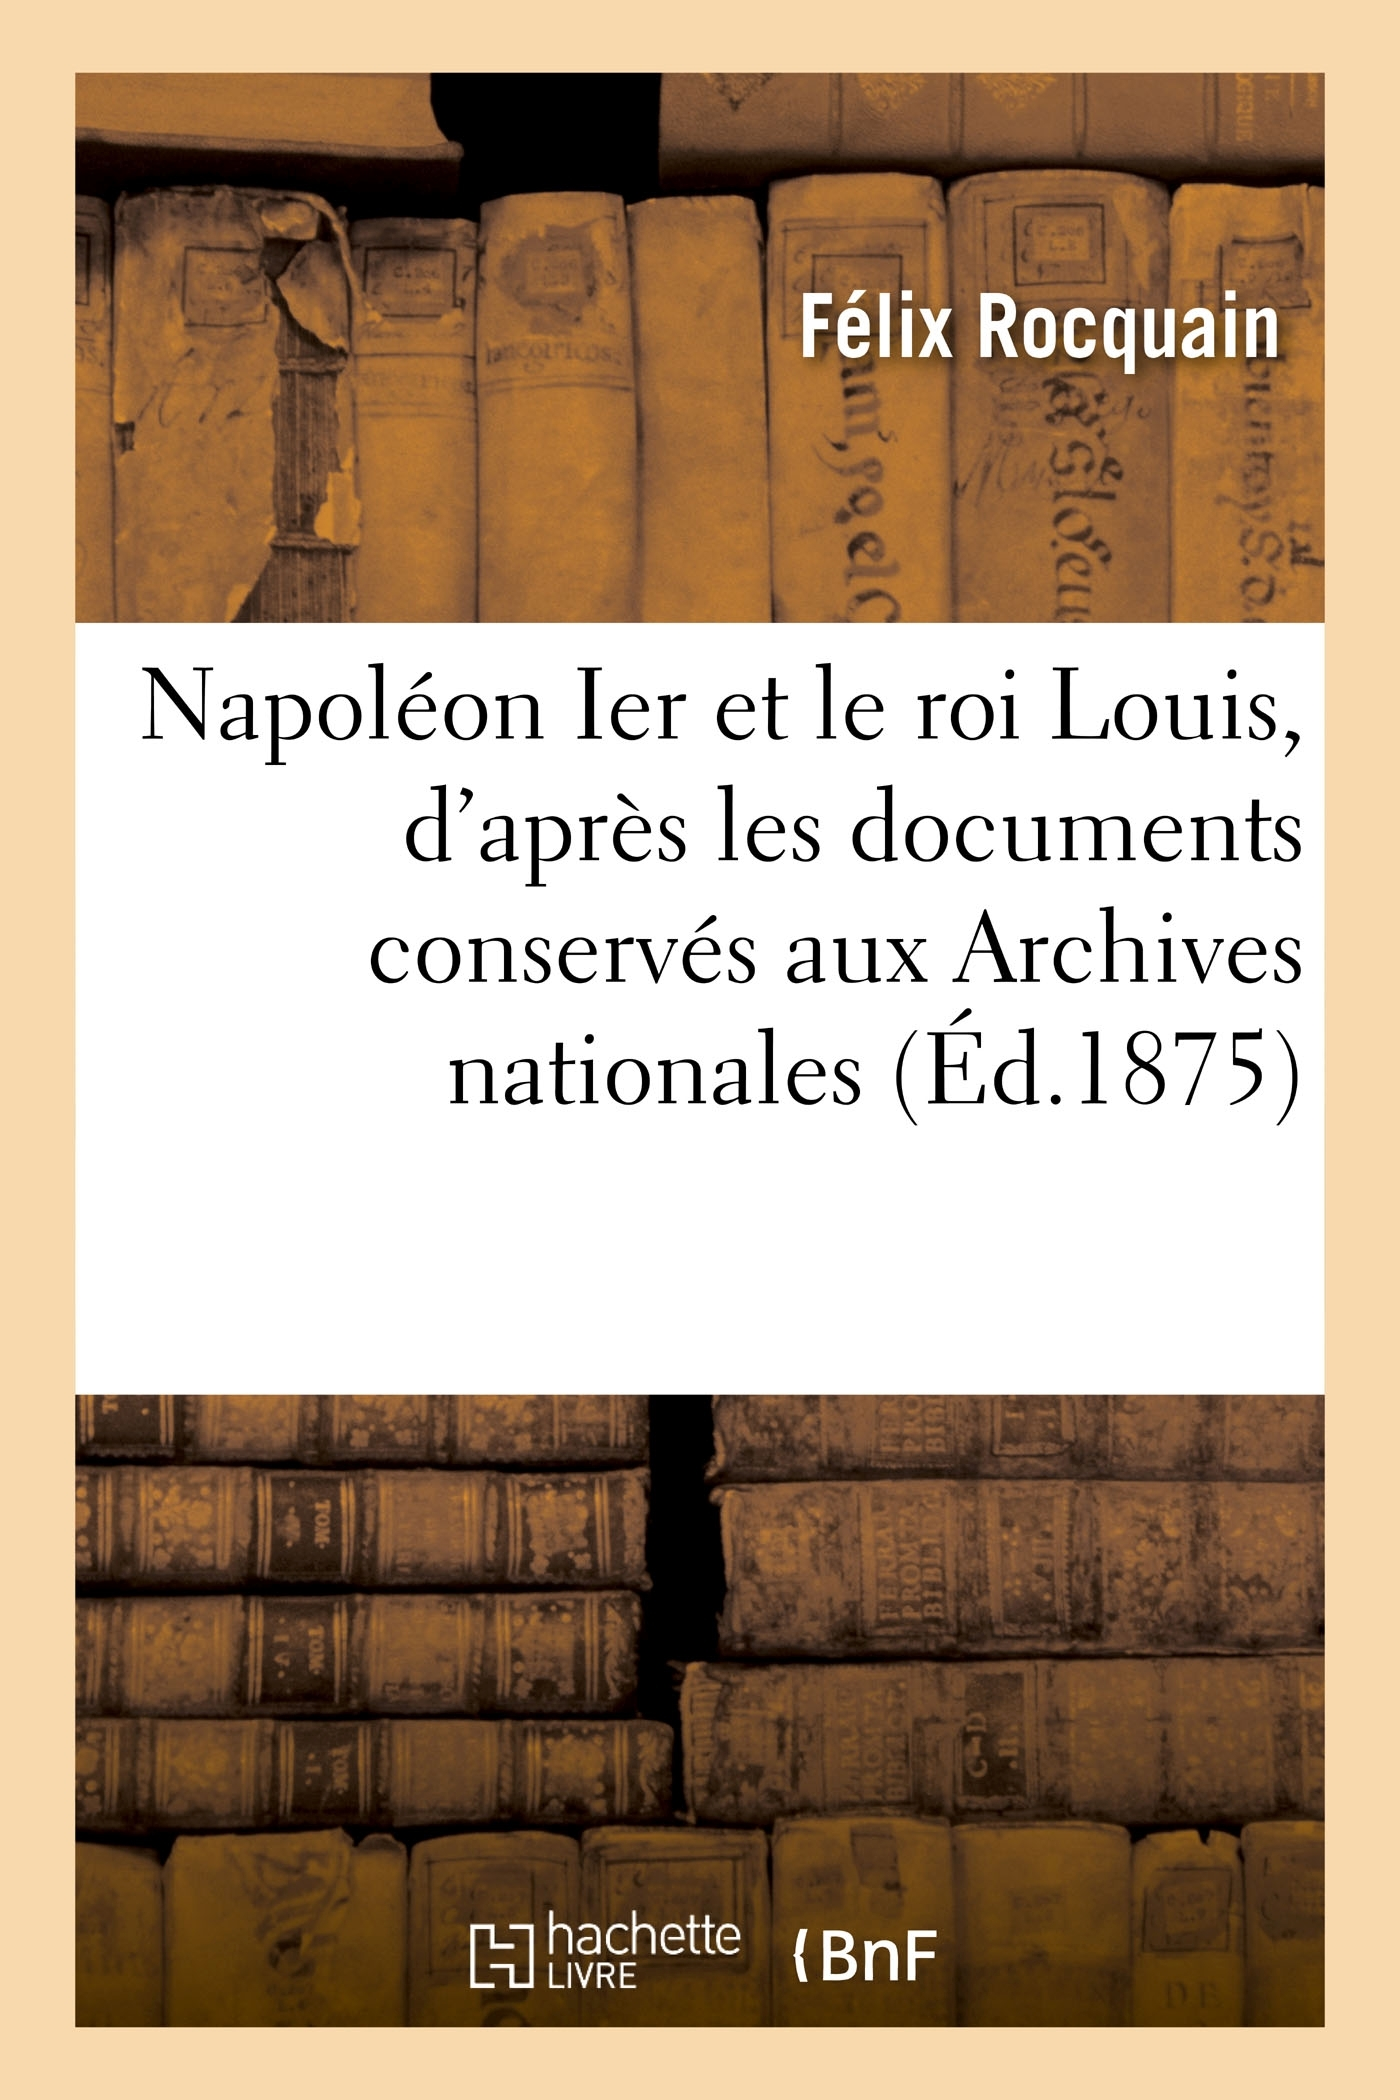 NAPOLEON IER ET LE ROI LOUIS, D'APRES LES DOCUMENTS CONSERVES AUX ARCHIVES NATIONALES